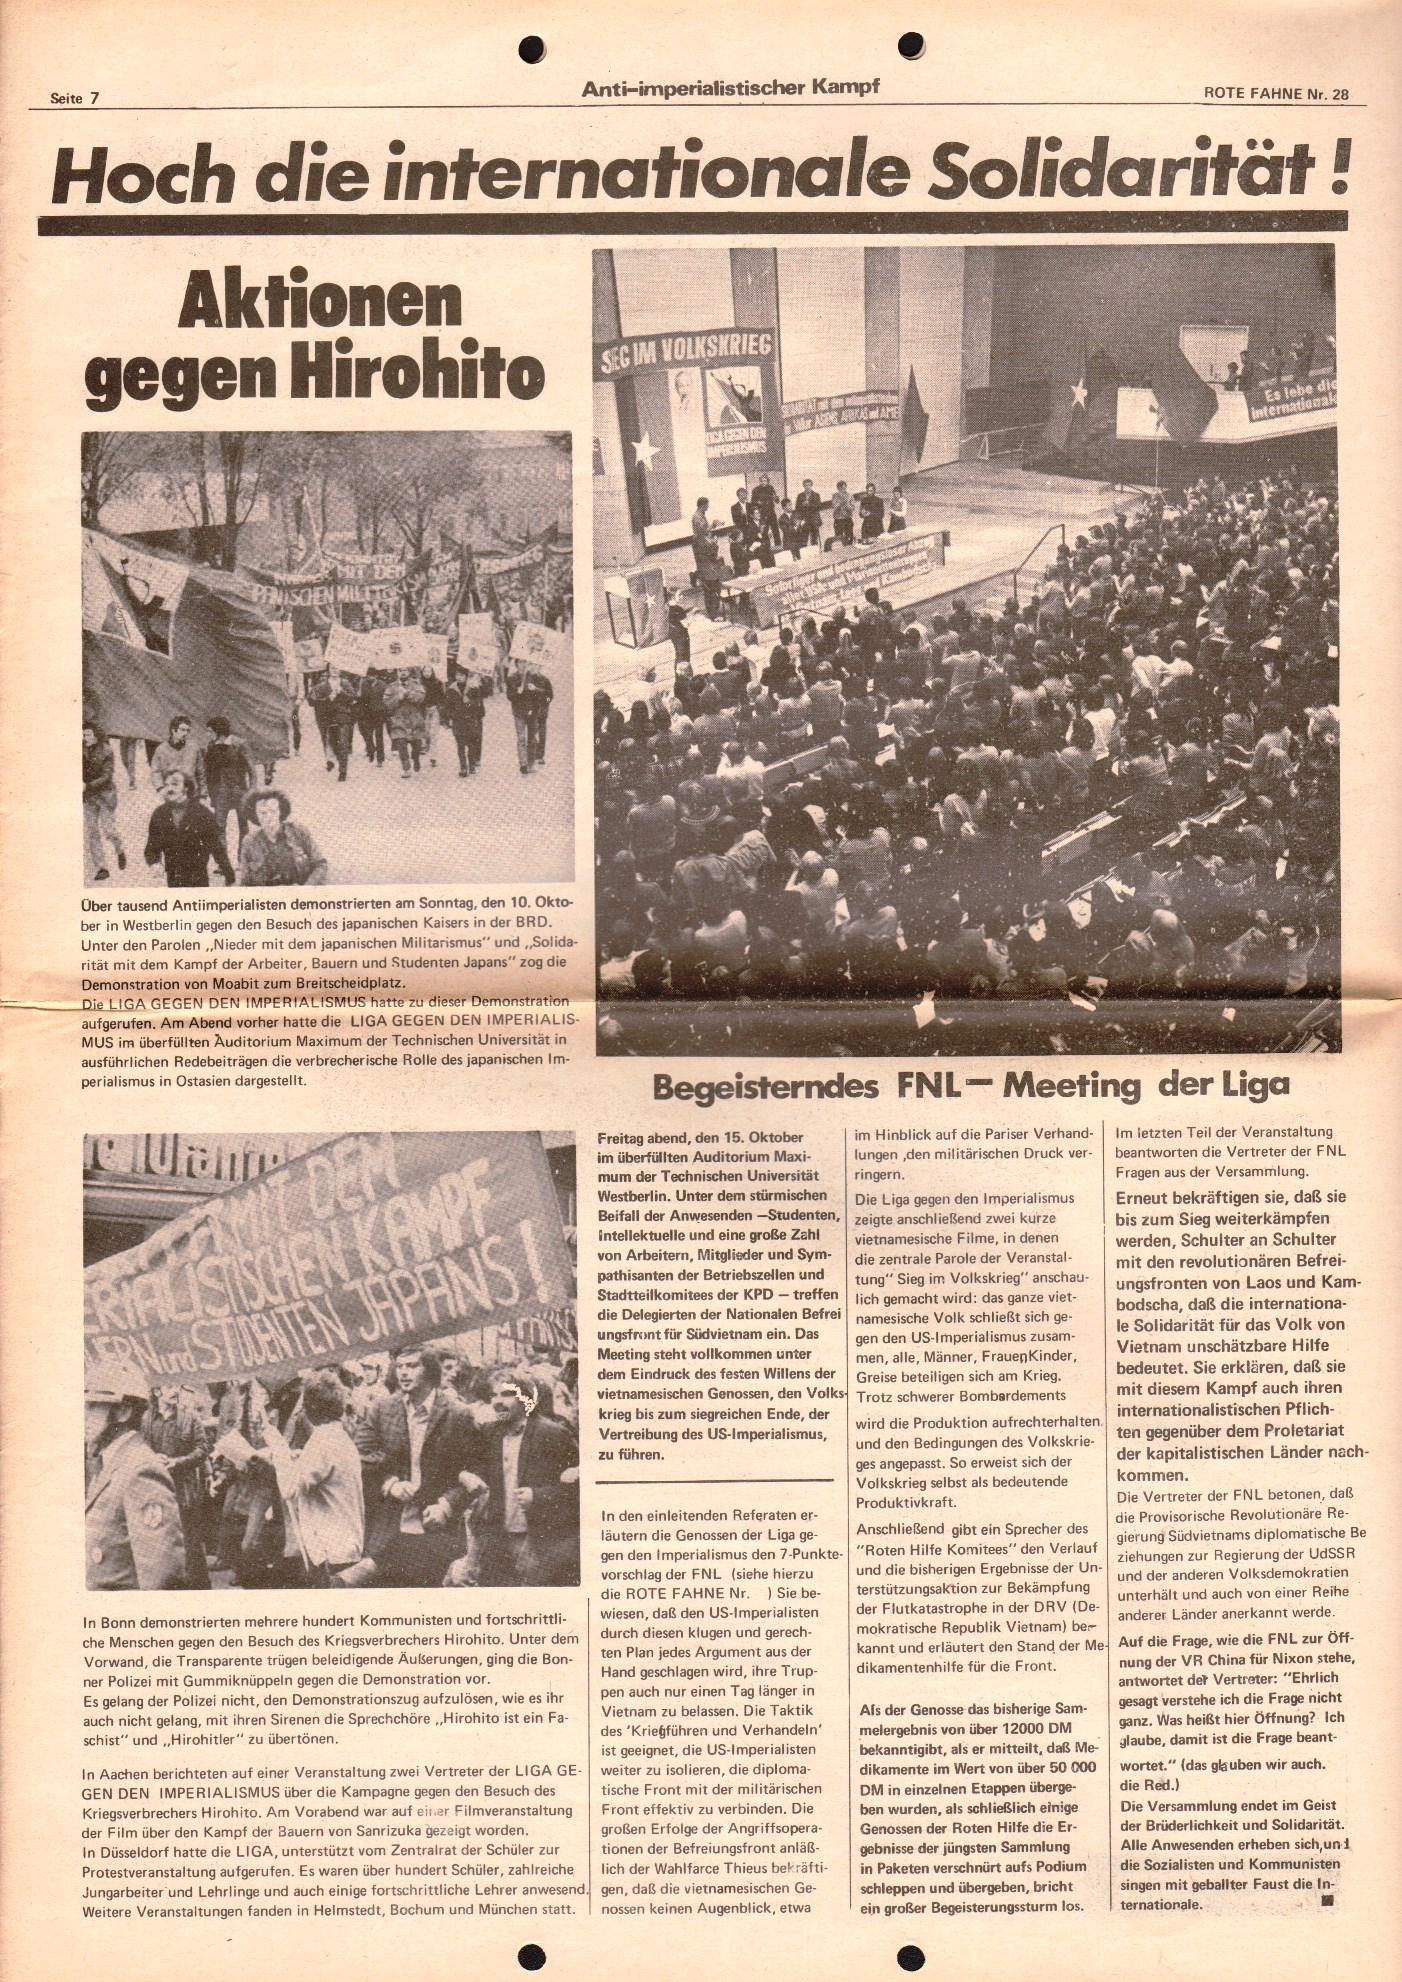 KPD_Rote_Fahne_1971_28_07